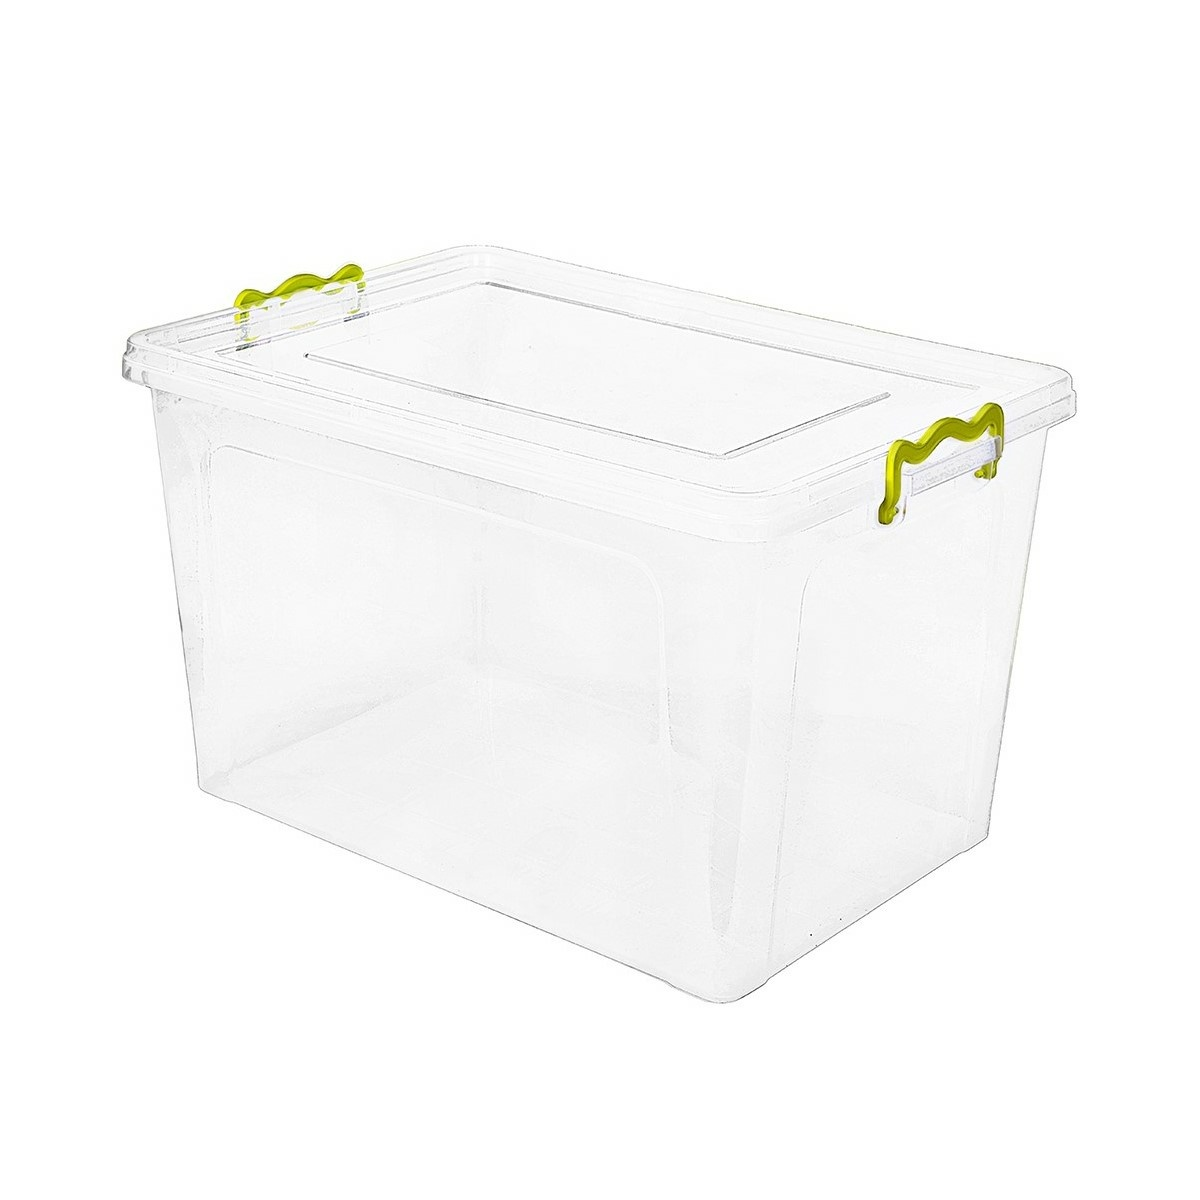 Aldo Plastový úložný box 5 l, bílá